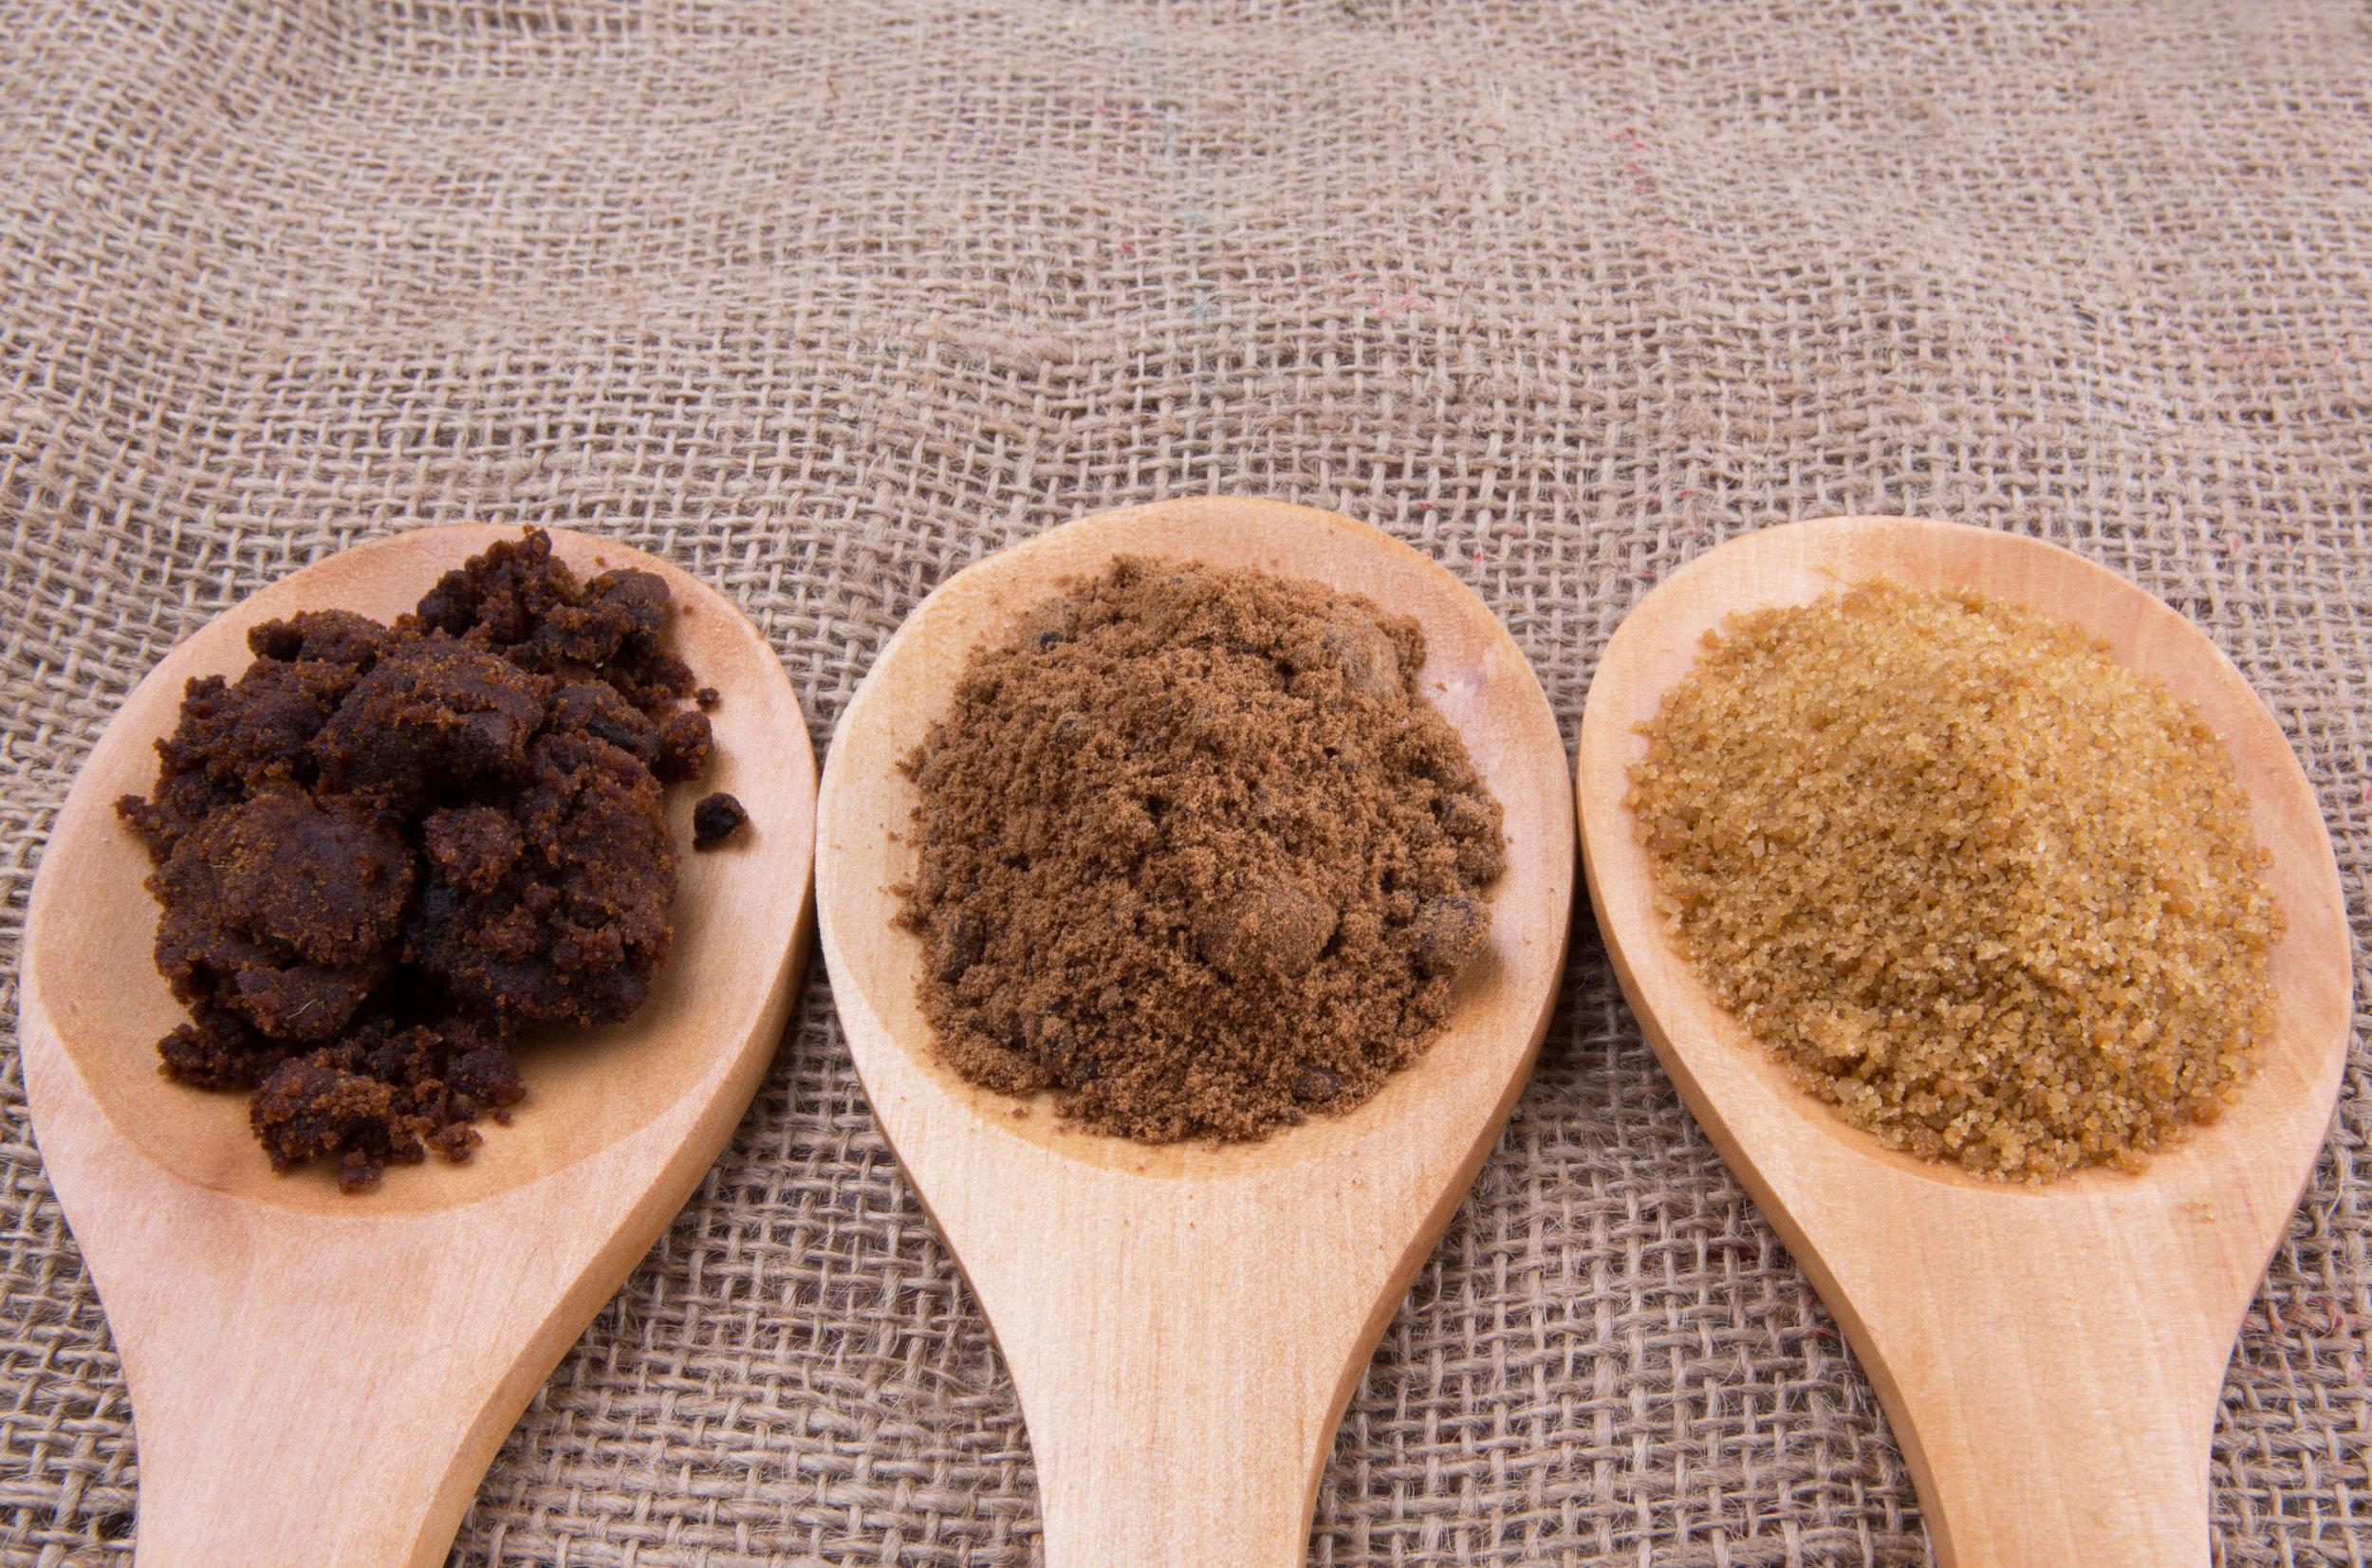 Muscovado sugar, brown sugar and coconut sugar.